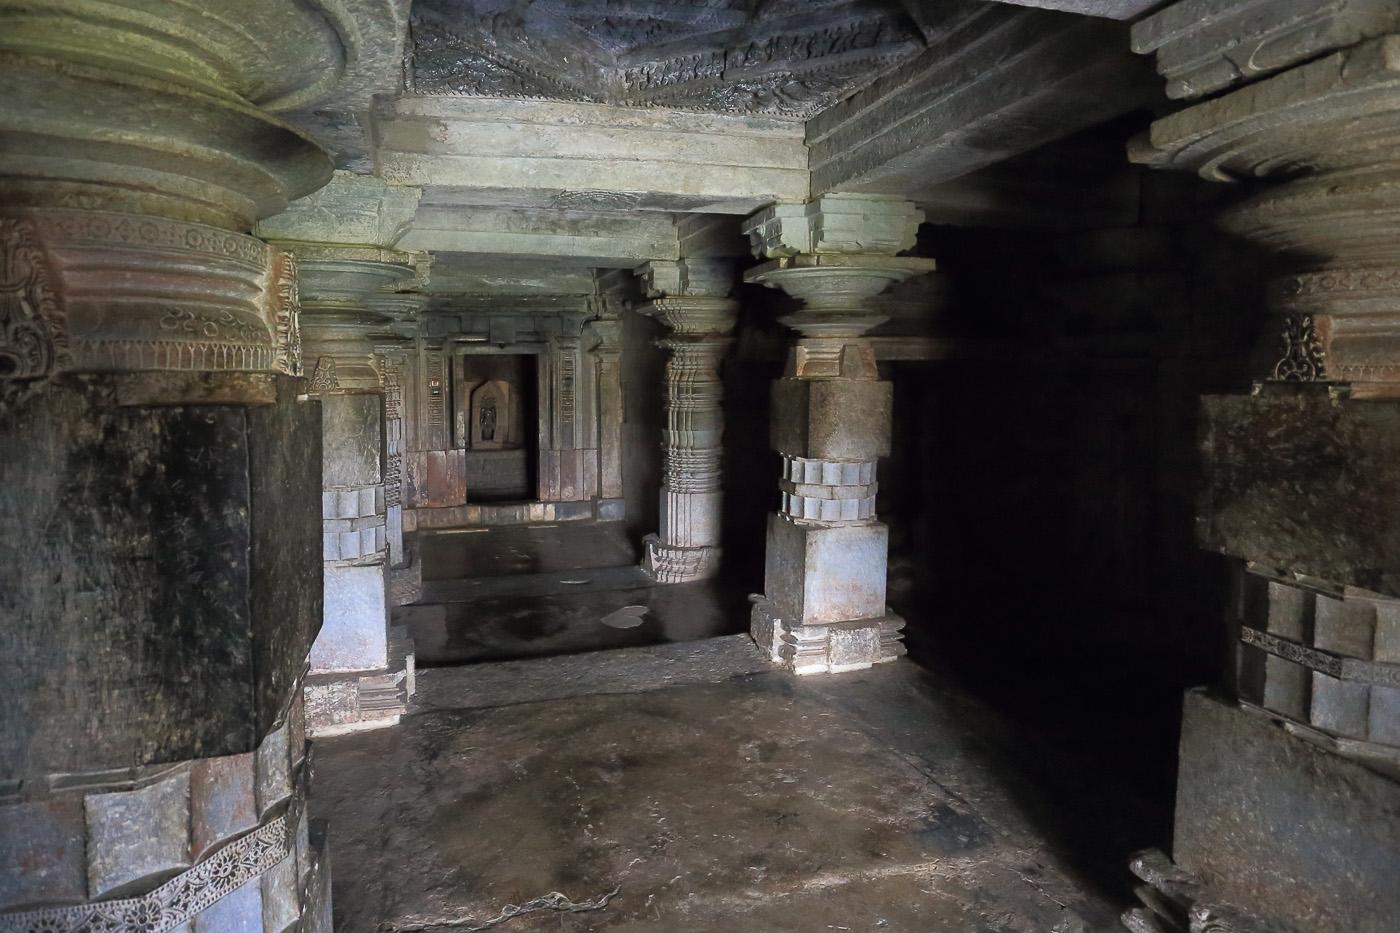 Фото №14. Храмы Halebeedu Basadi Digambar Jain Temples. Зал перед алтарем тиртханкара Андинатха. Отзывы об экскурсии в Халебид, что в штате Карнатака в Индии. 1/40, -1 eV, f 6.3, 17mm, ISO 12800.